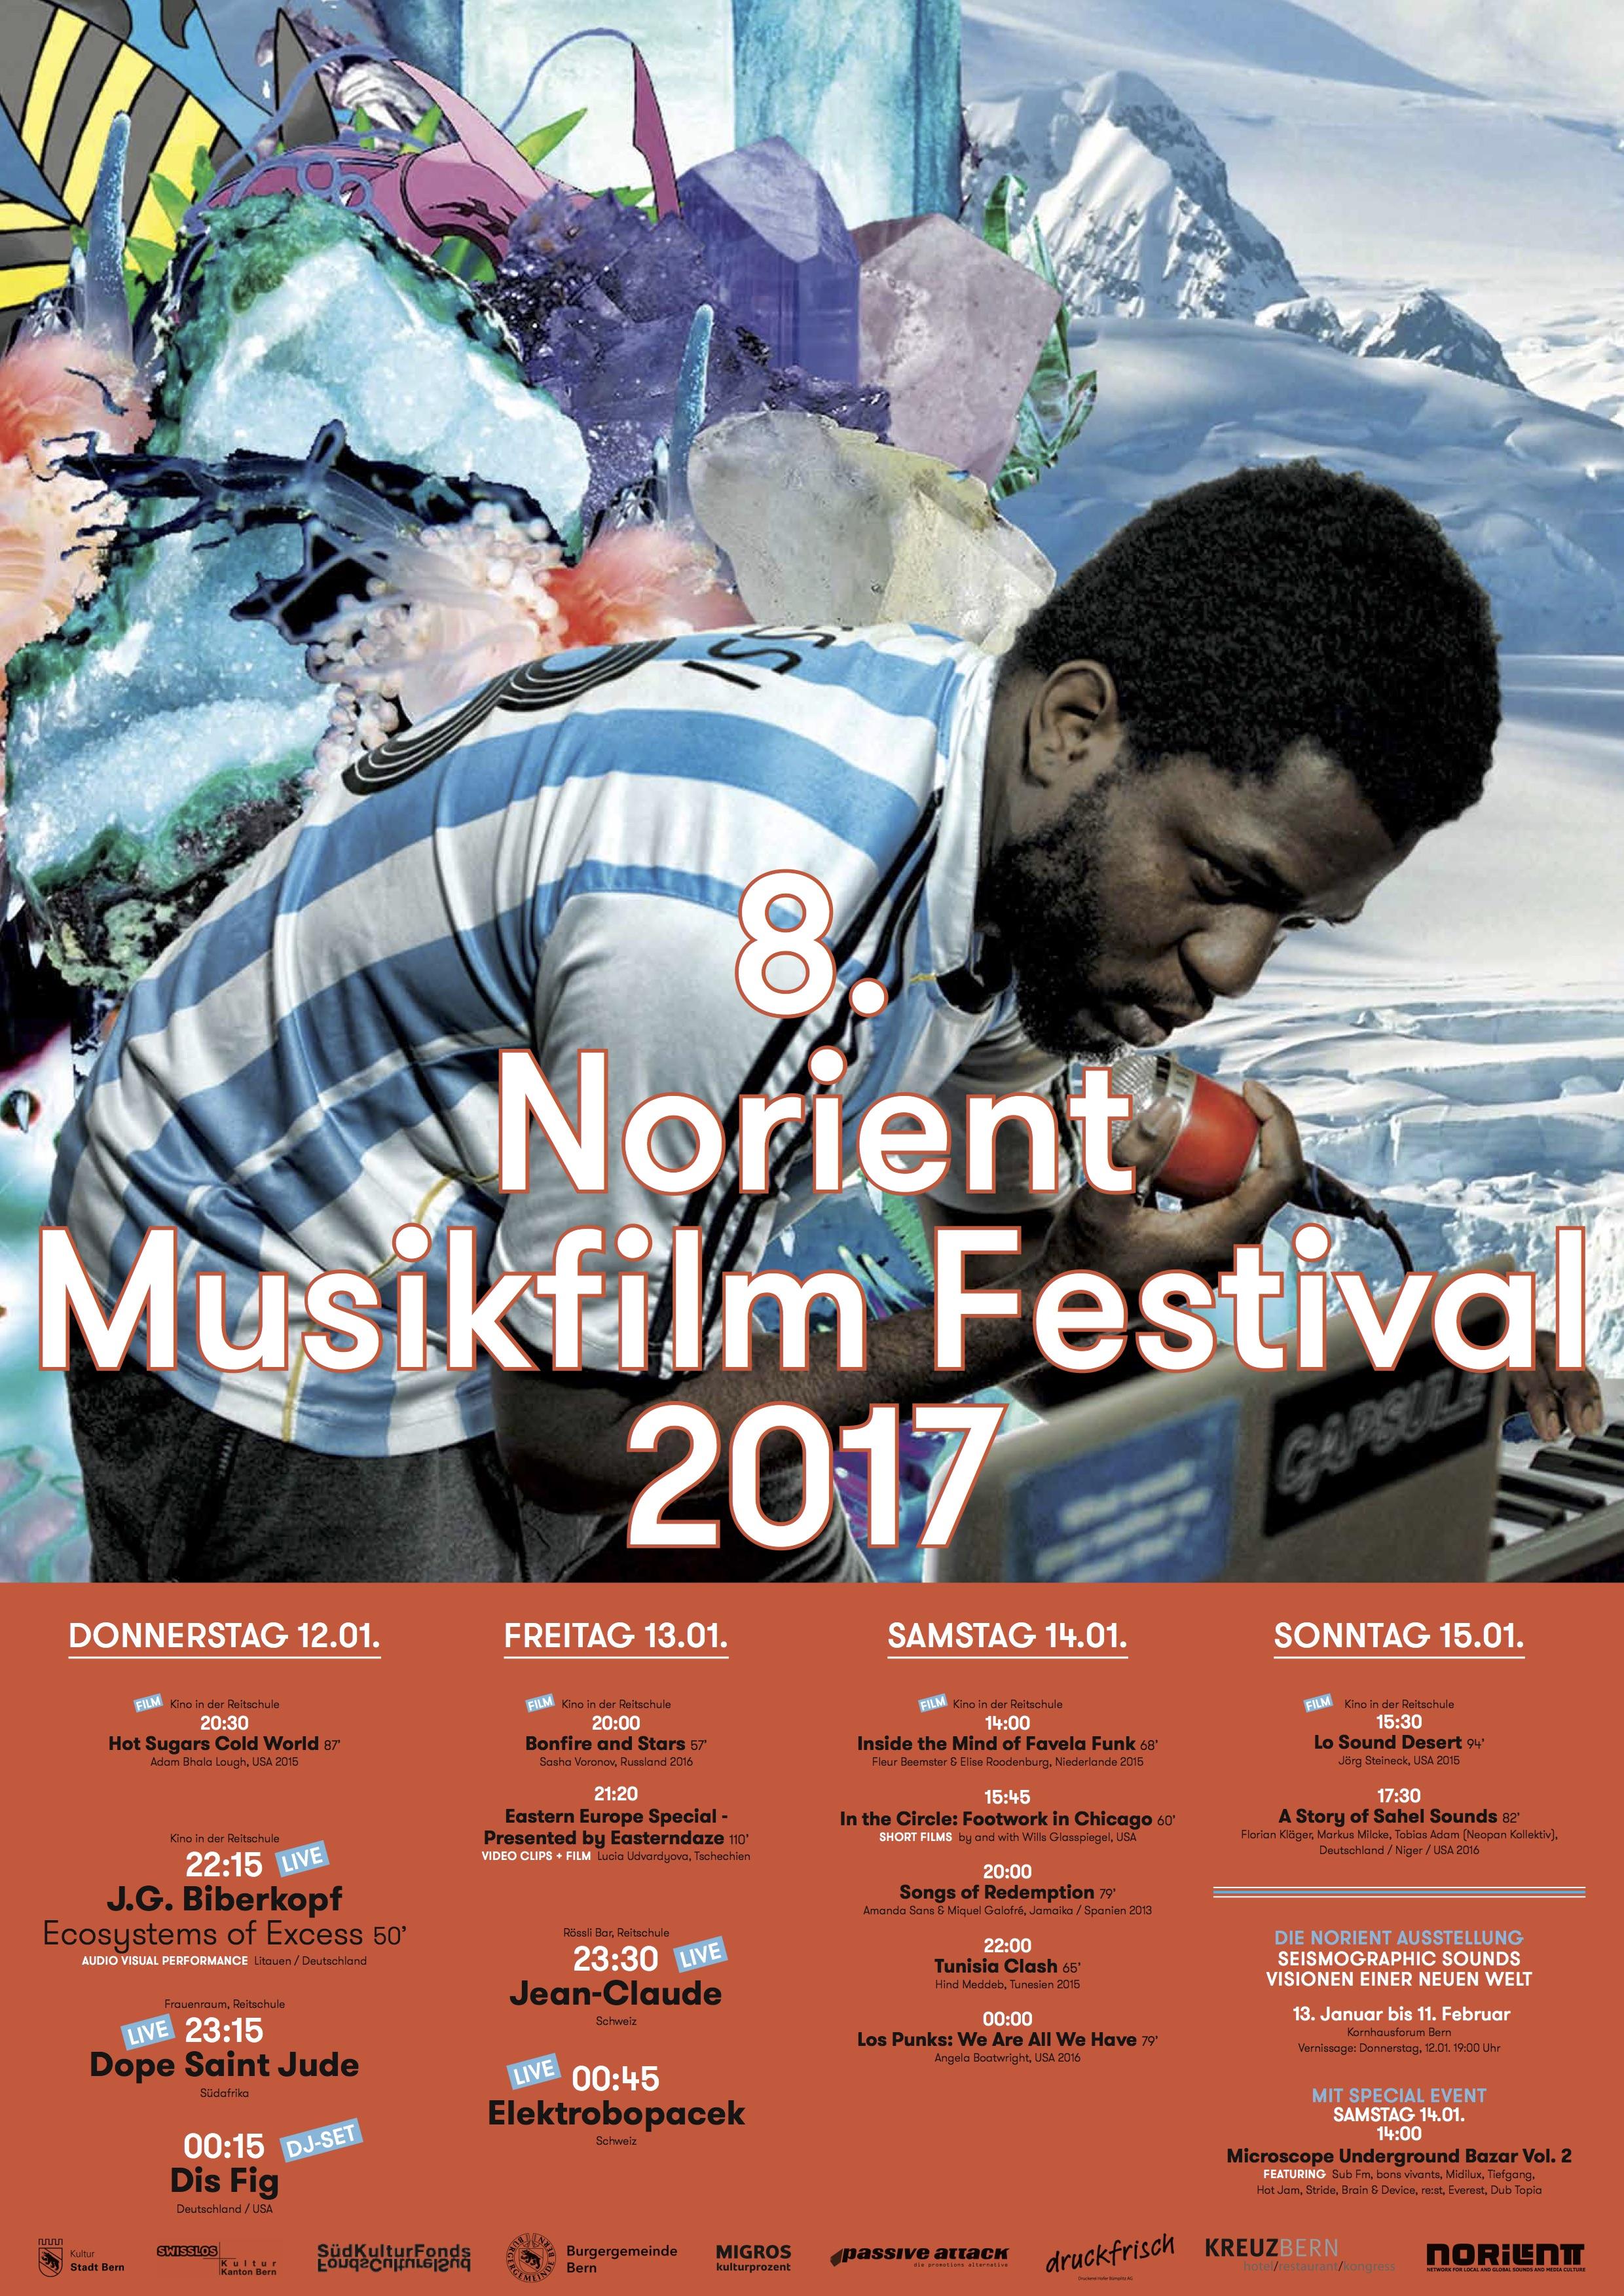 Download festival poster 2018 Art Design: Chino Amobi (USA) & Annegreth Schärli (Switzerland)